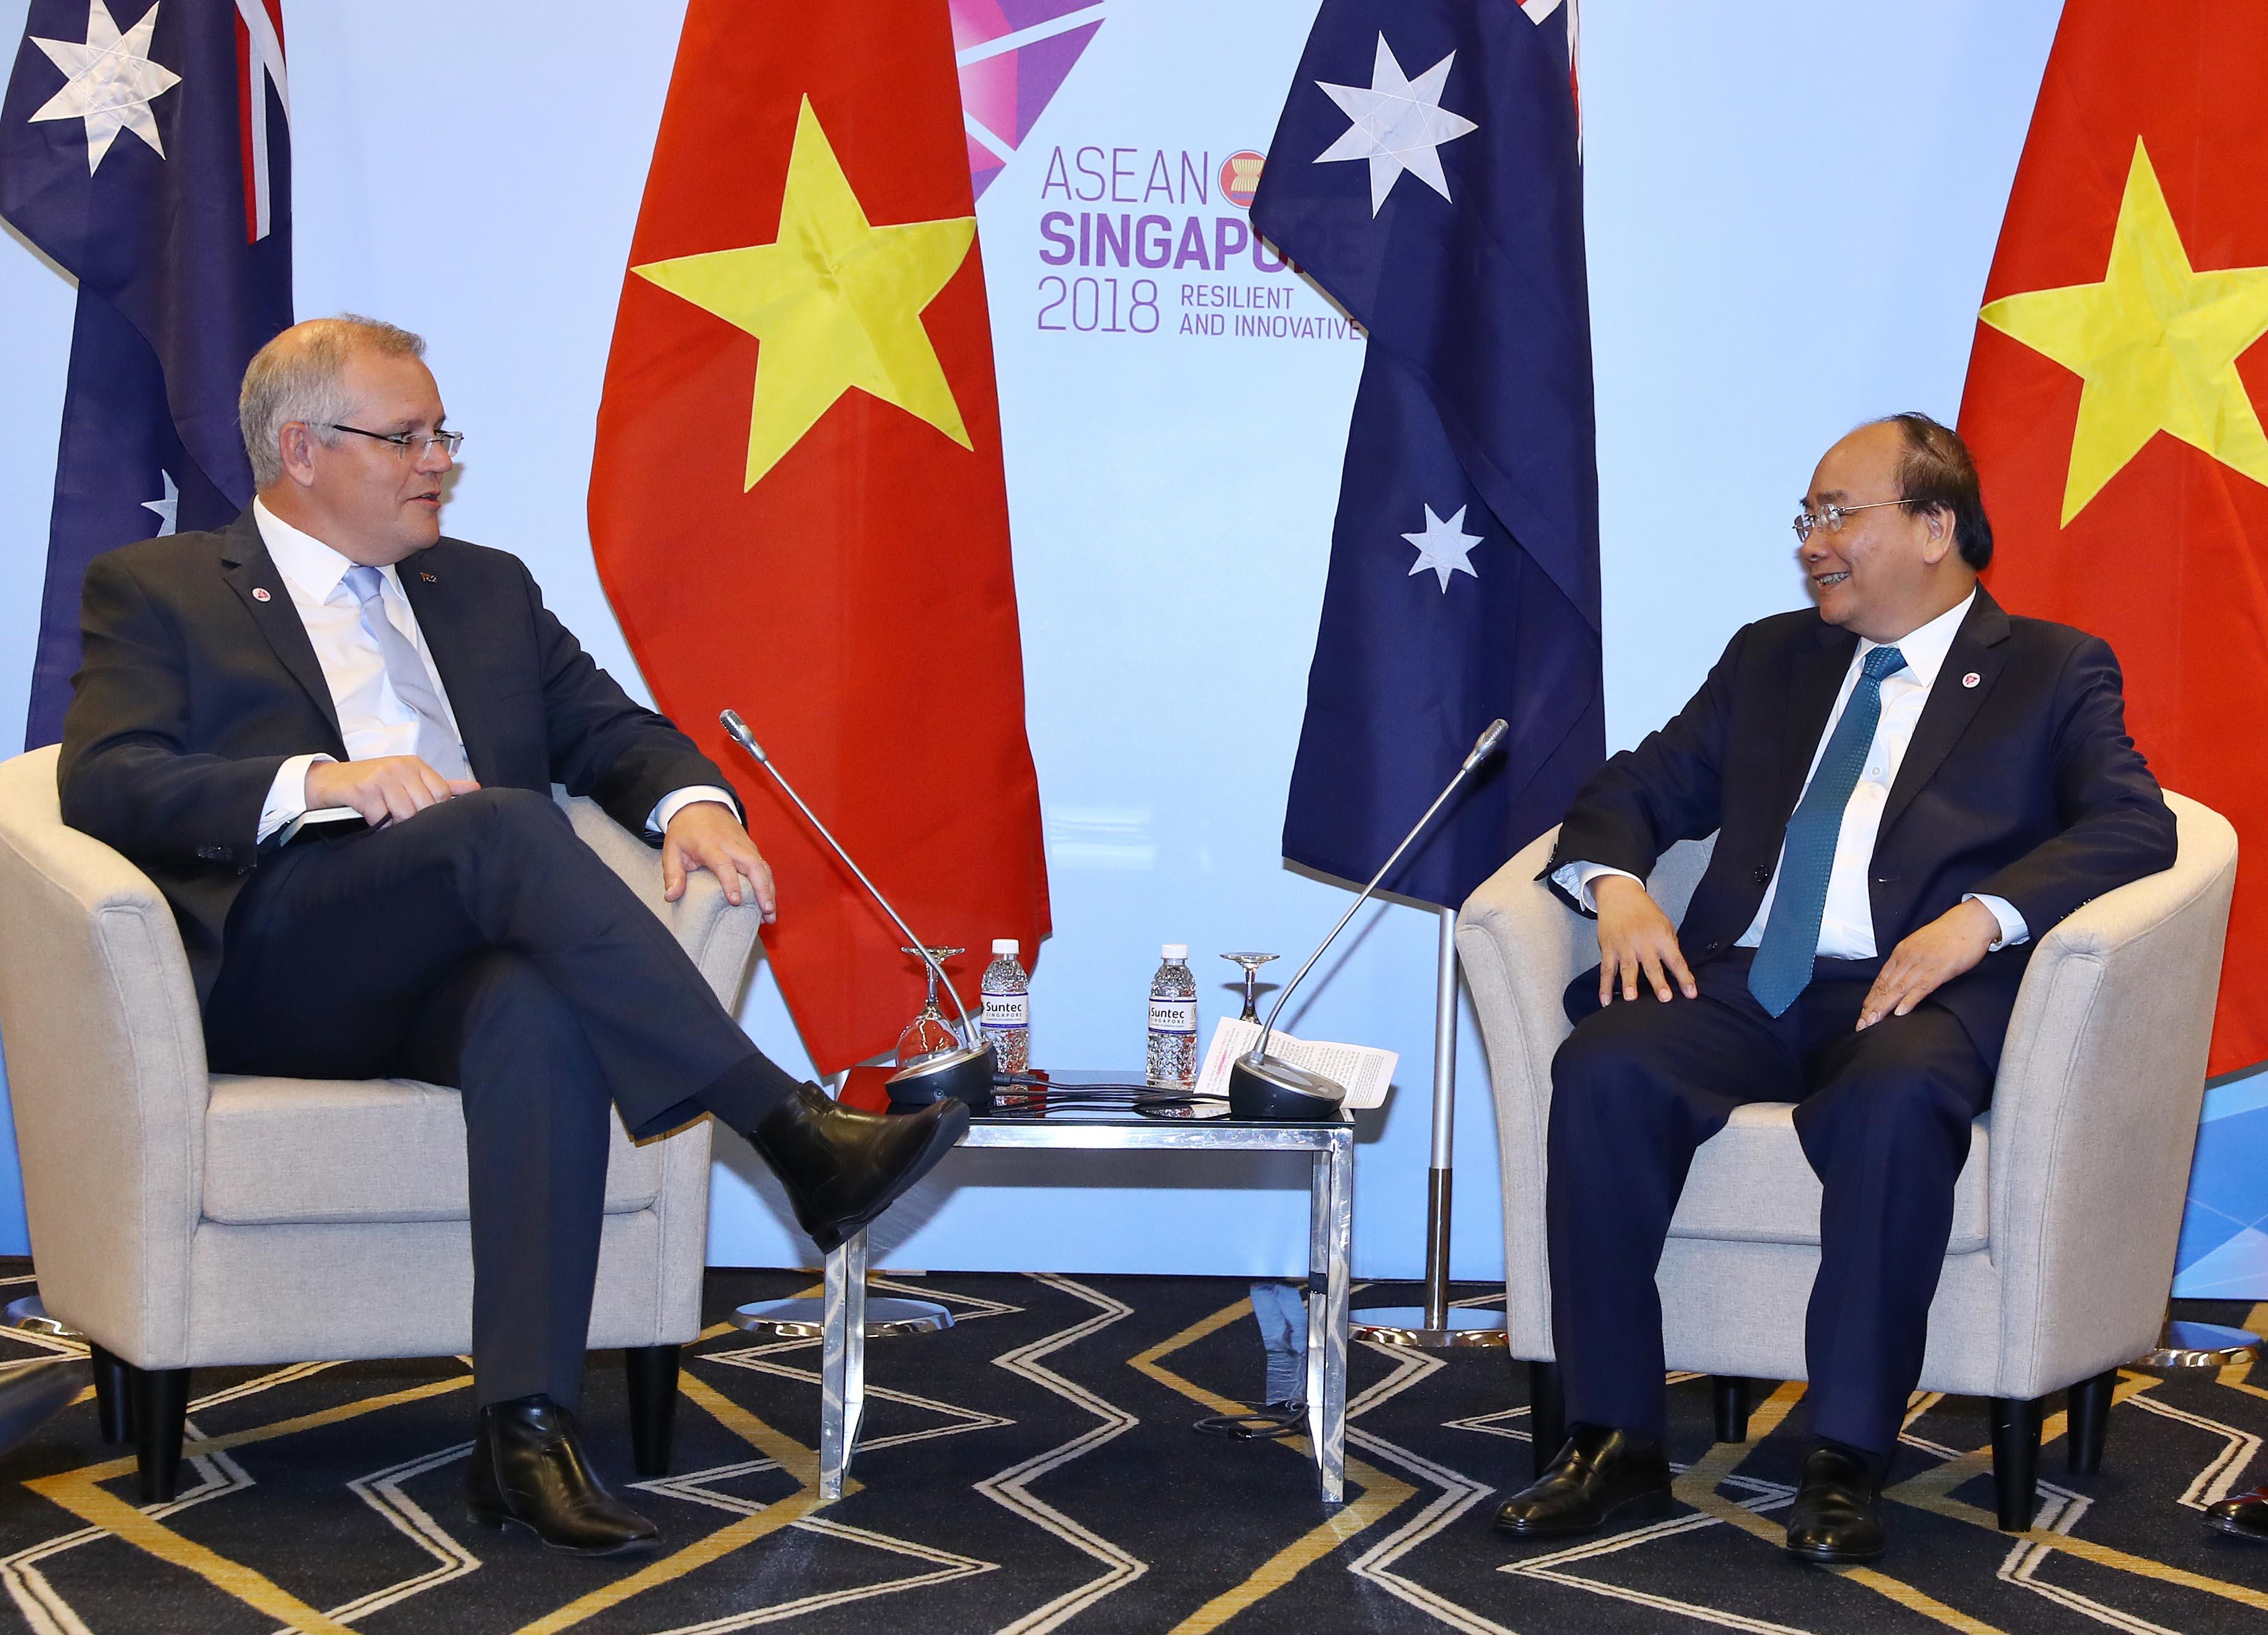 政府总理阮春福在东盟峰会间歇举行多场双边会晤